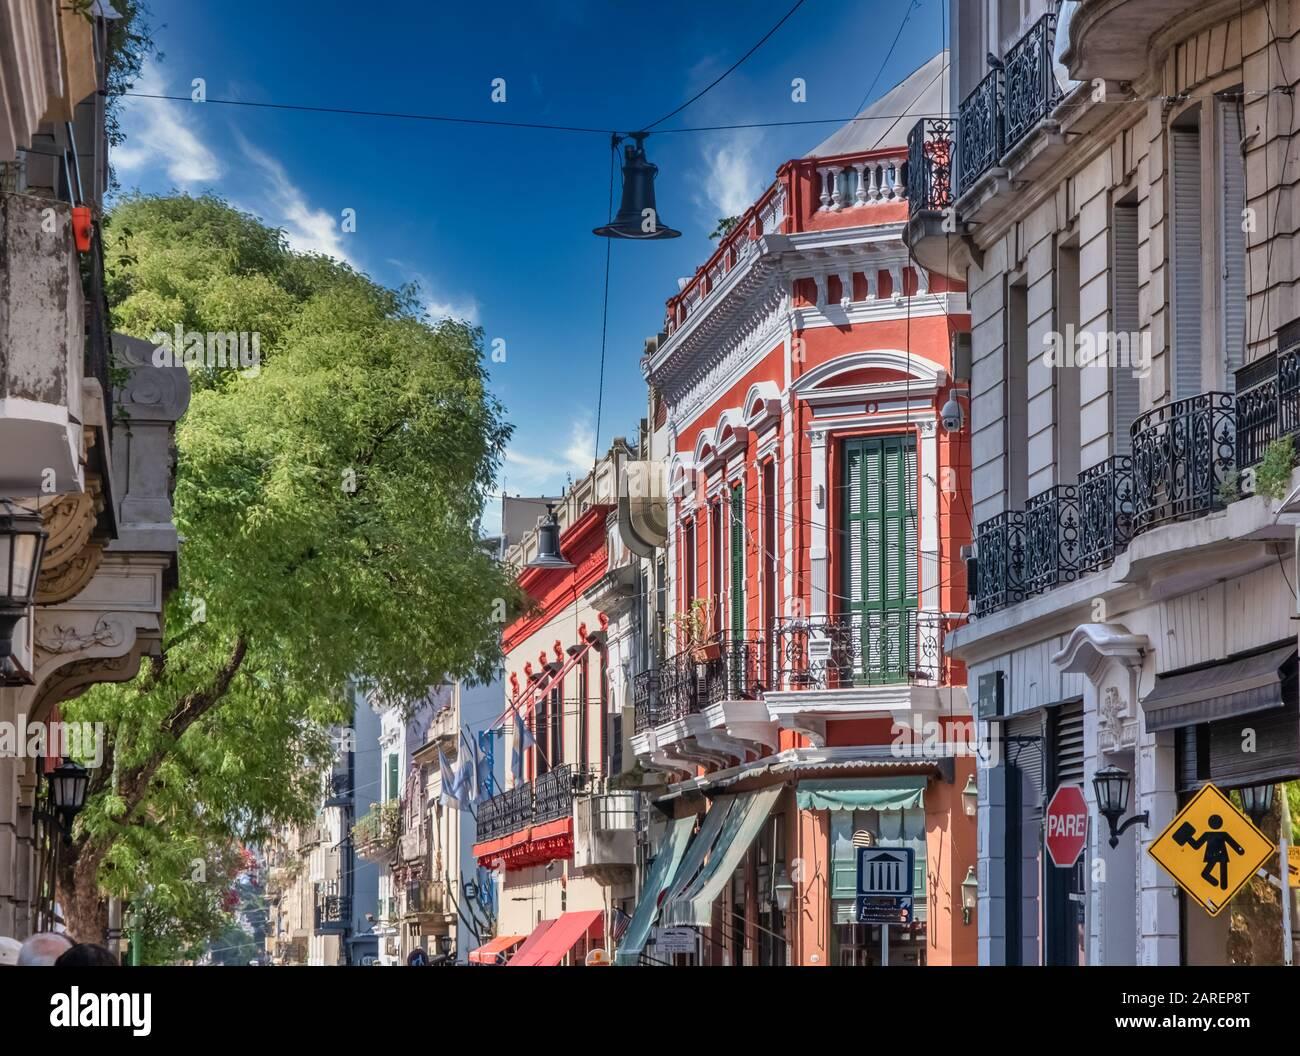 Die Straßen von San Telmo, dem ältesten Viertel von Buenos Aires, inmitten der Kopfsteinpflasterstraßen und der alten Kolonialarchitektur, Argentinien Stockfoto